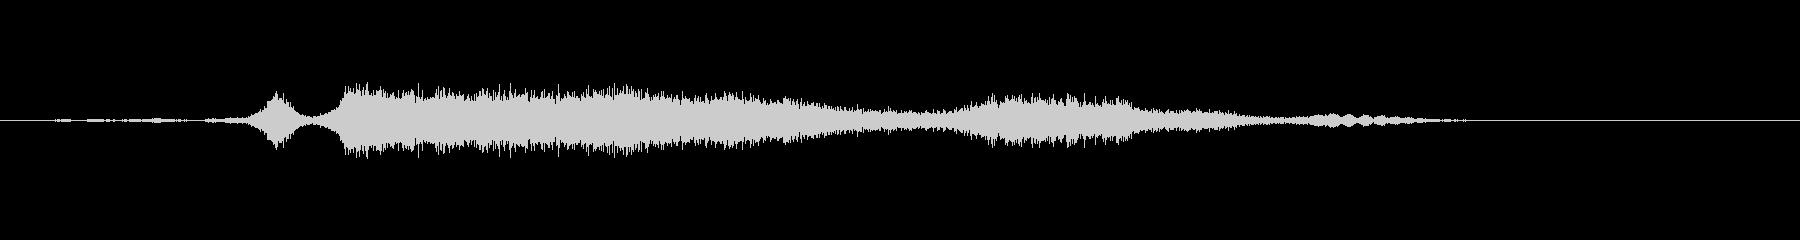 メタル スクレープリッチ03の未再生の波形